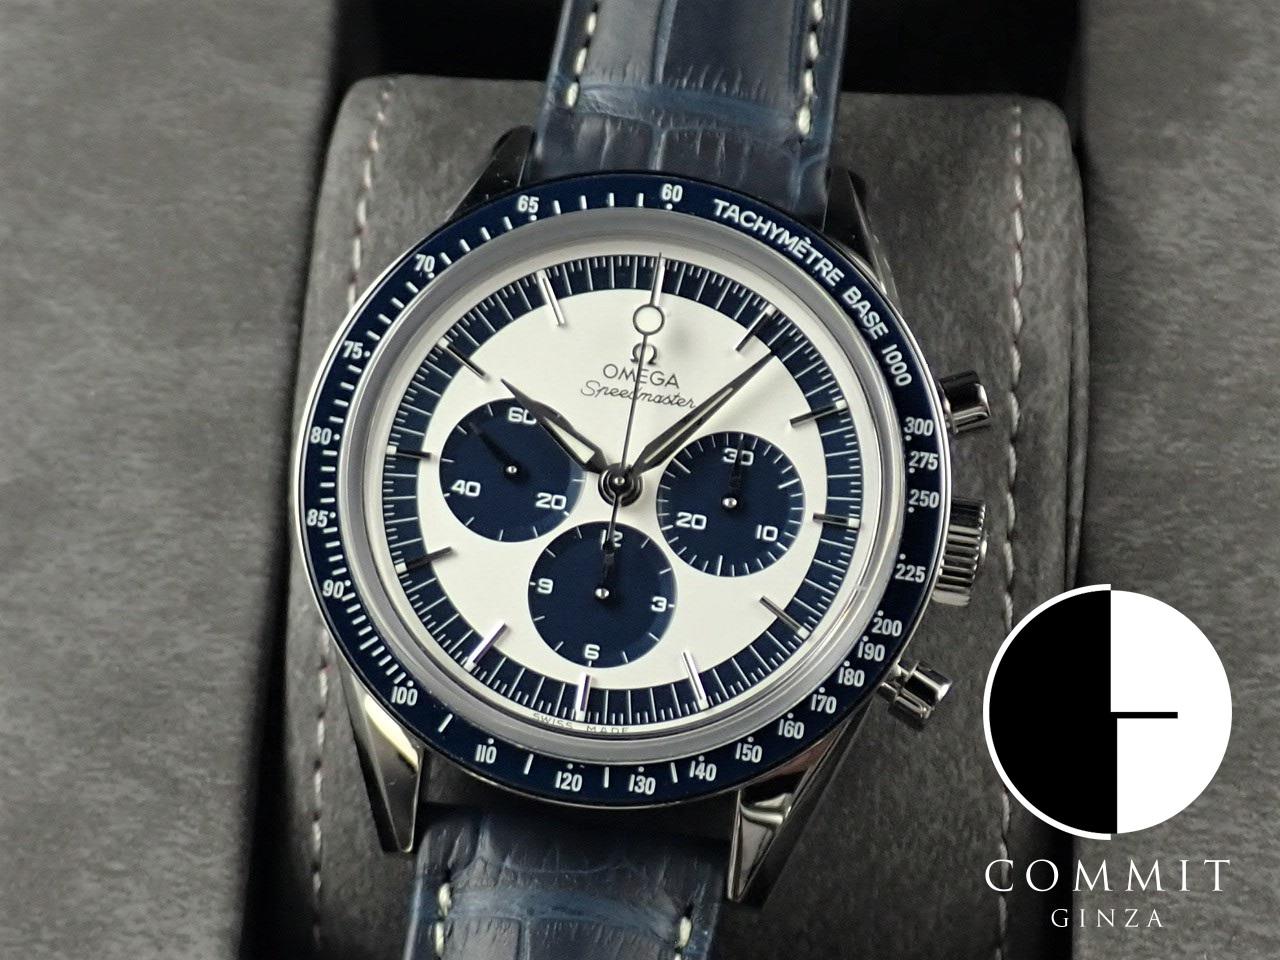 オメガ スピードマスター CK2998 【極美品】 ≪保証書・箱・その他≫